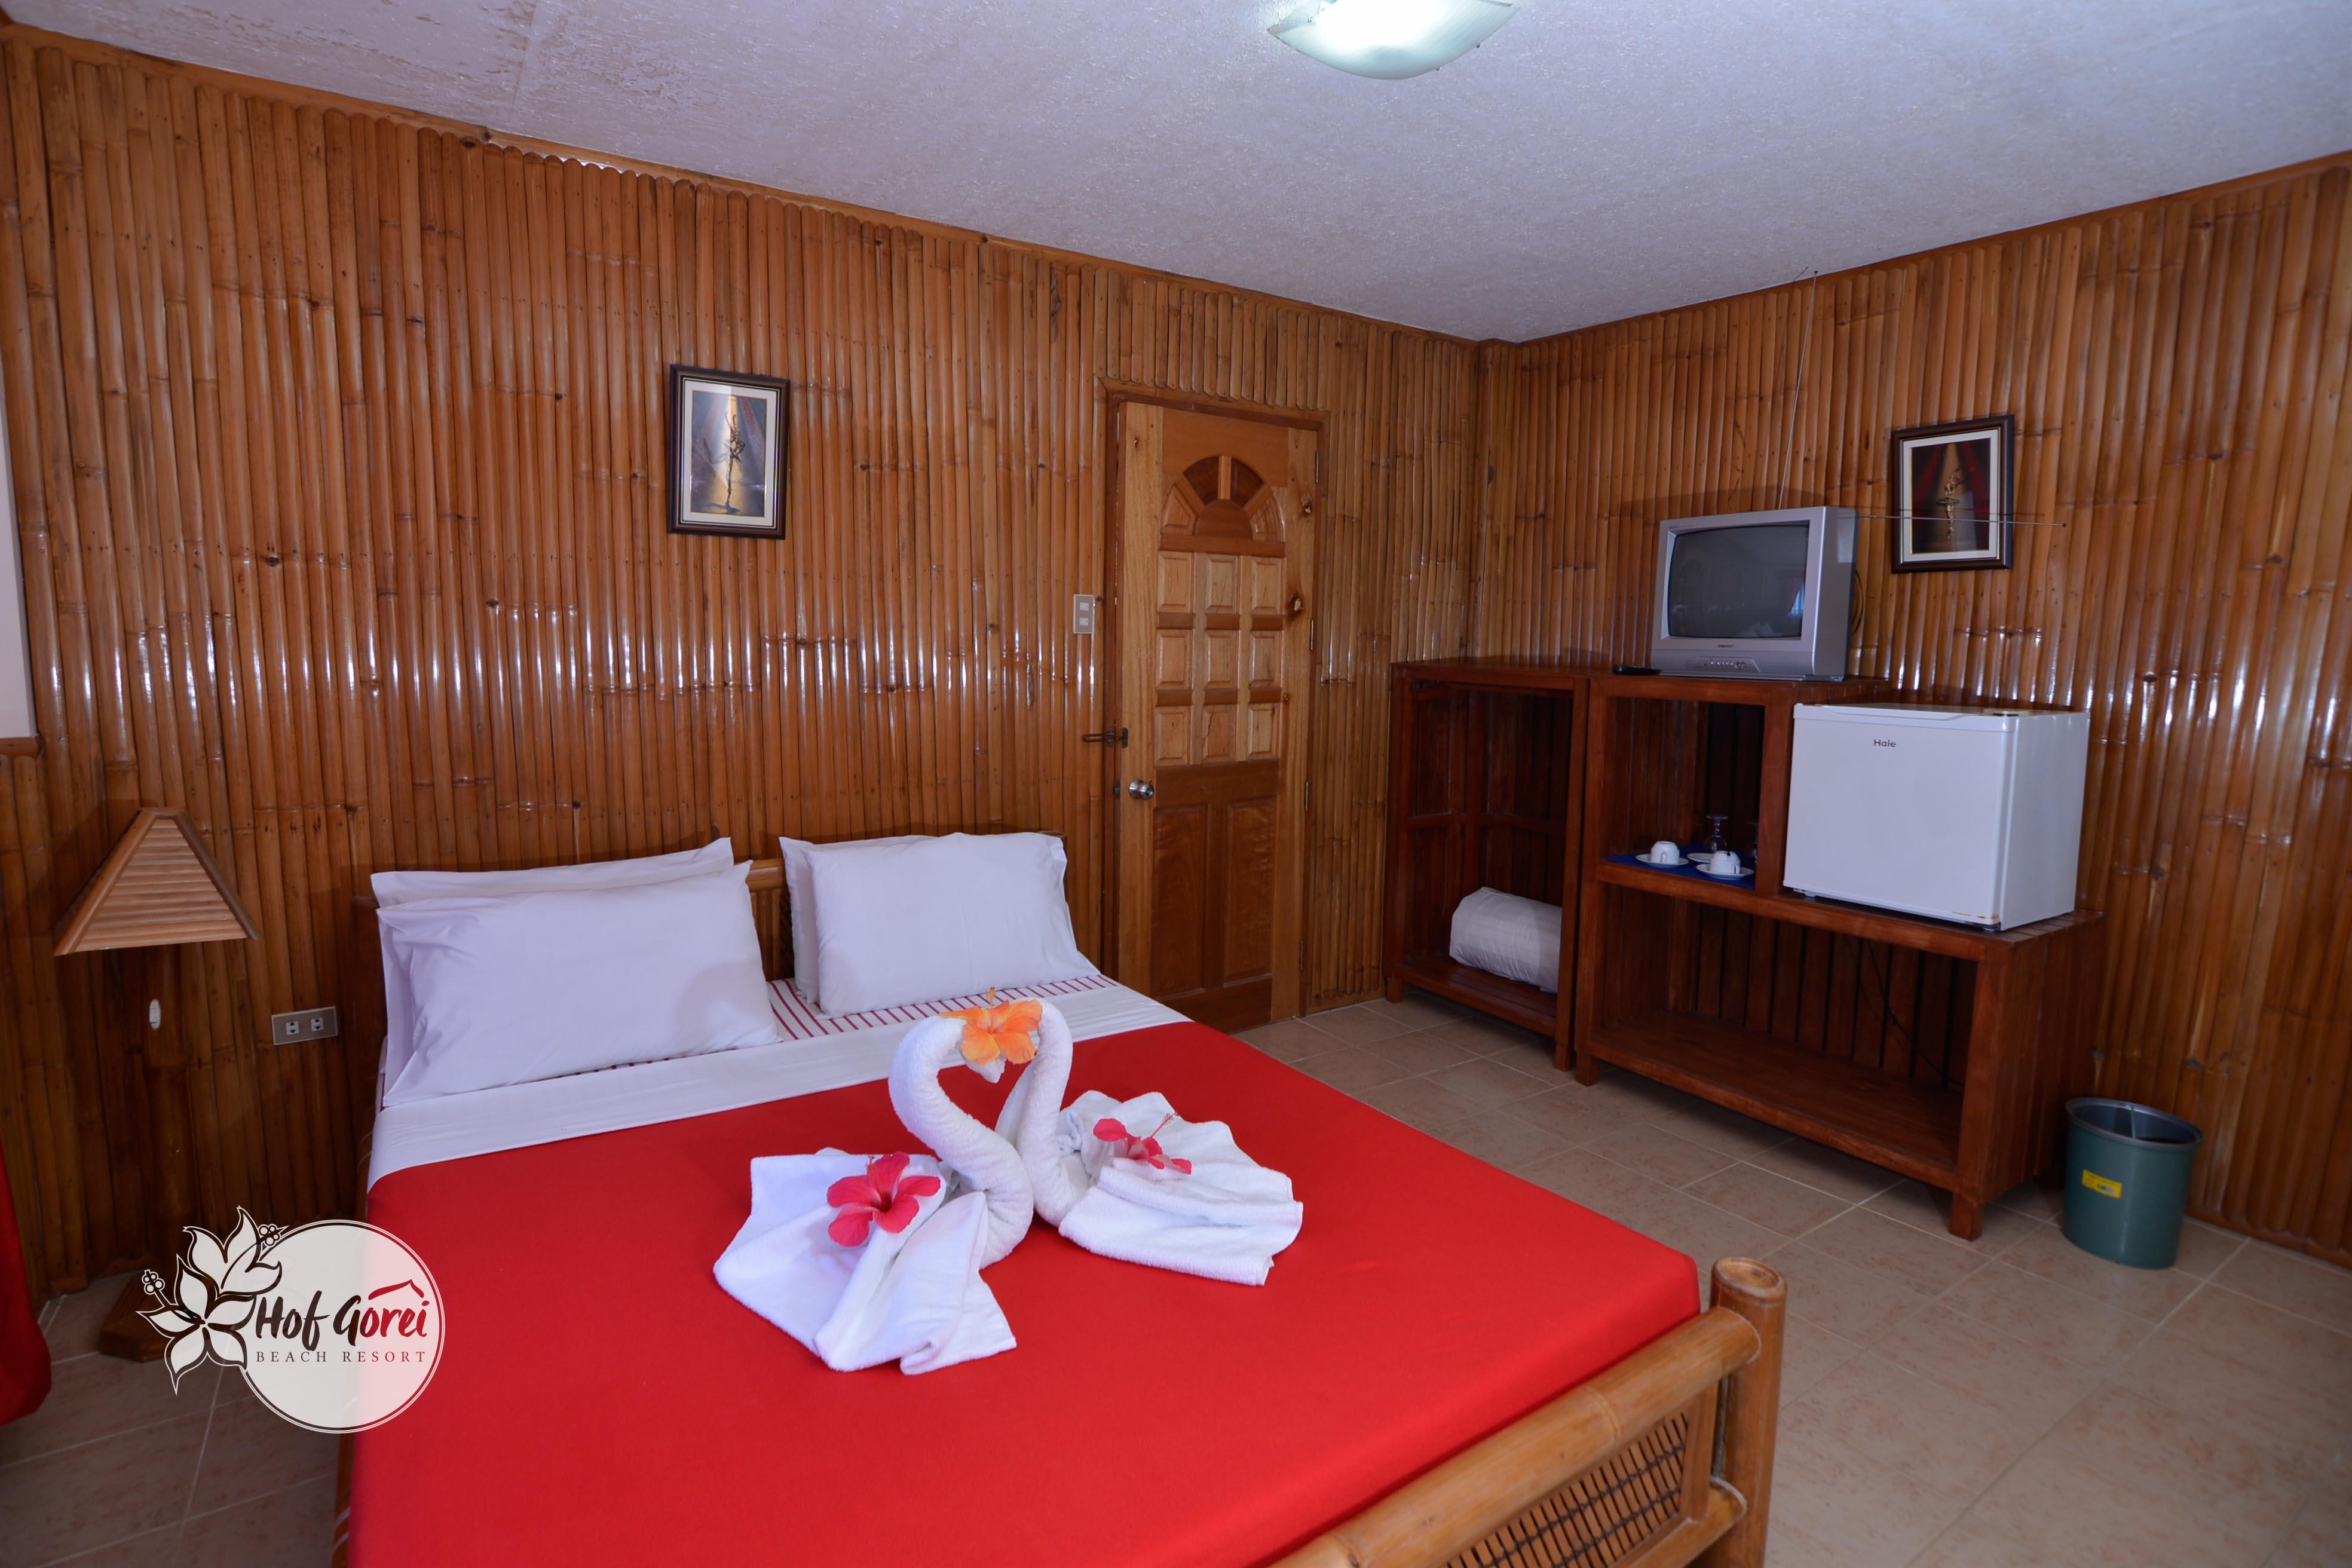 Hof Gorei Beach Resort Samal Guest House